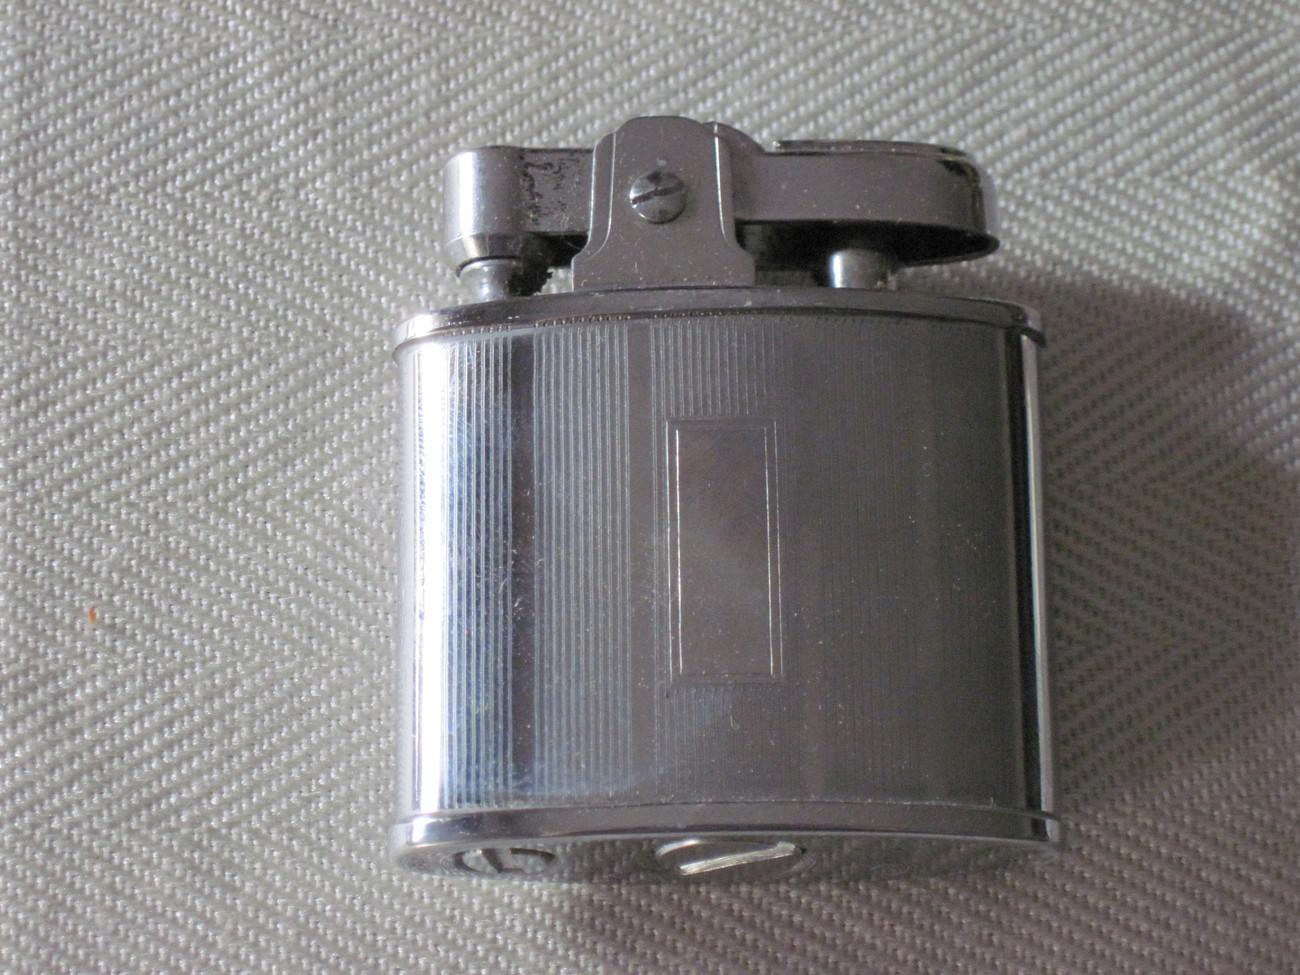 Vintage silverplate cigarette lighter